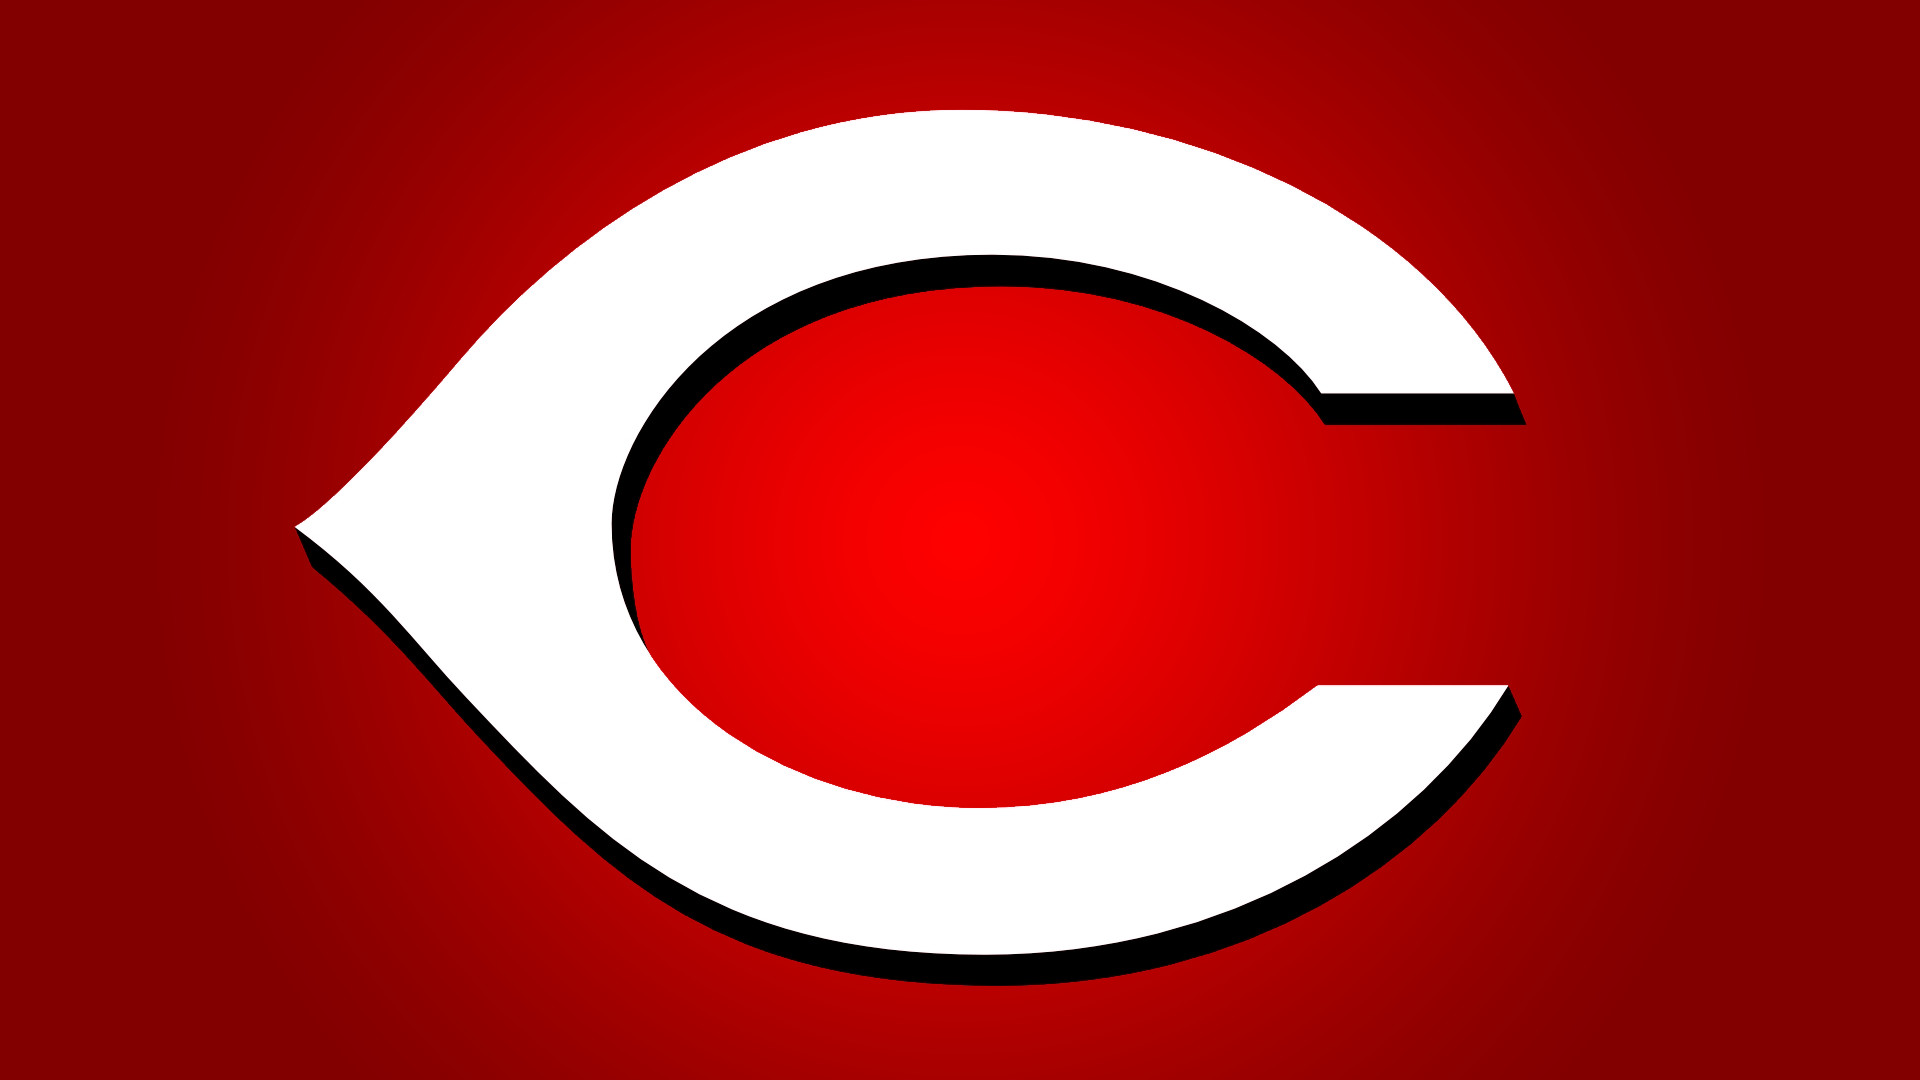 Cincinnati Reds Desktop Wallpaper Collection